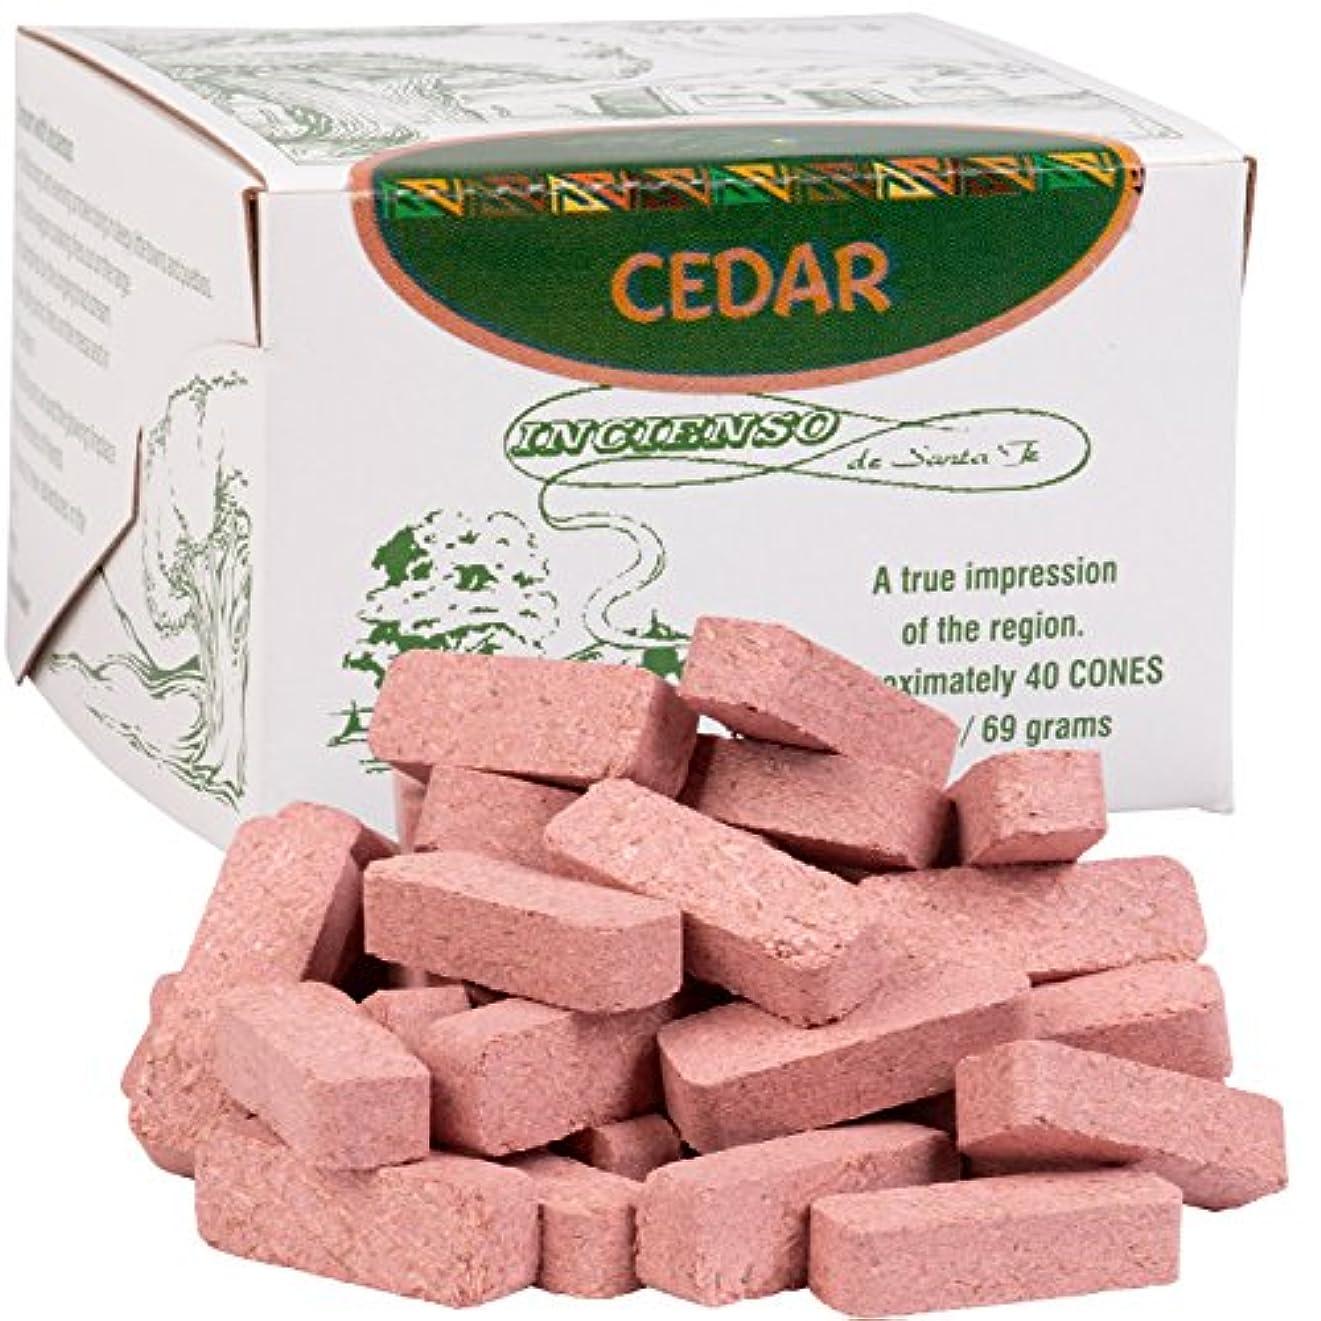 ドリンクありふれた厄介な(40 Brick) - Cedar Wood Incense - 80 Bricks (Cones) by Incienso De Santa Fe